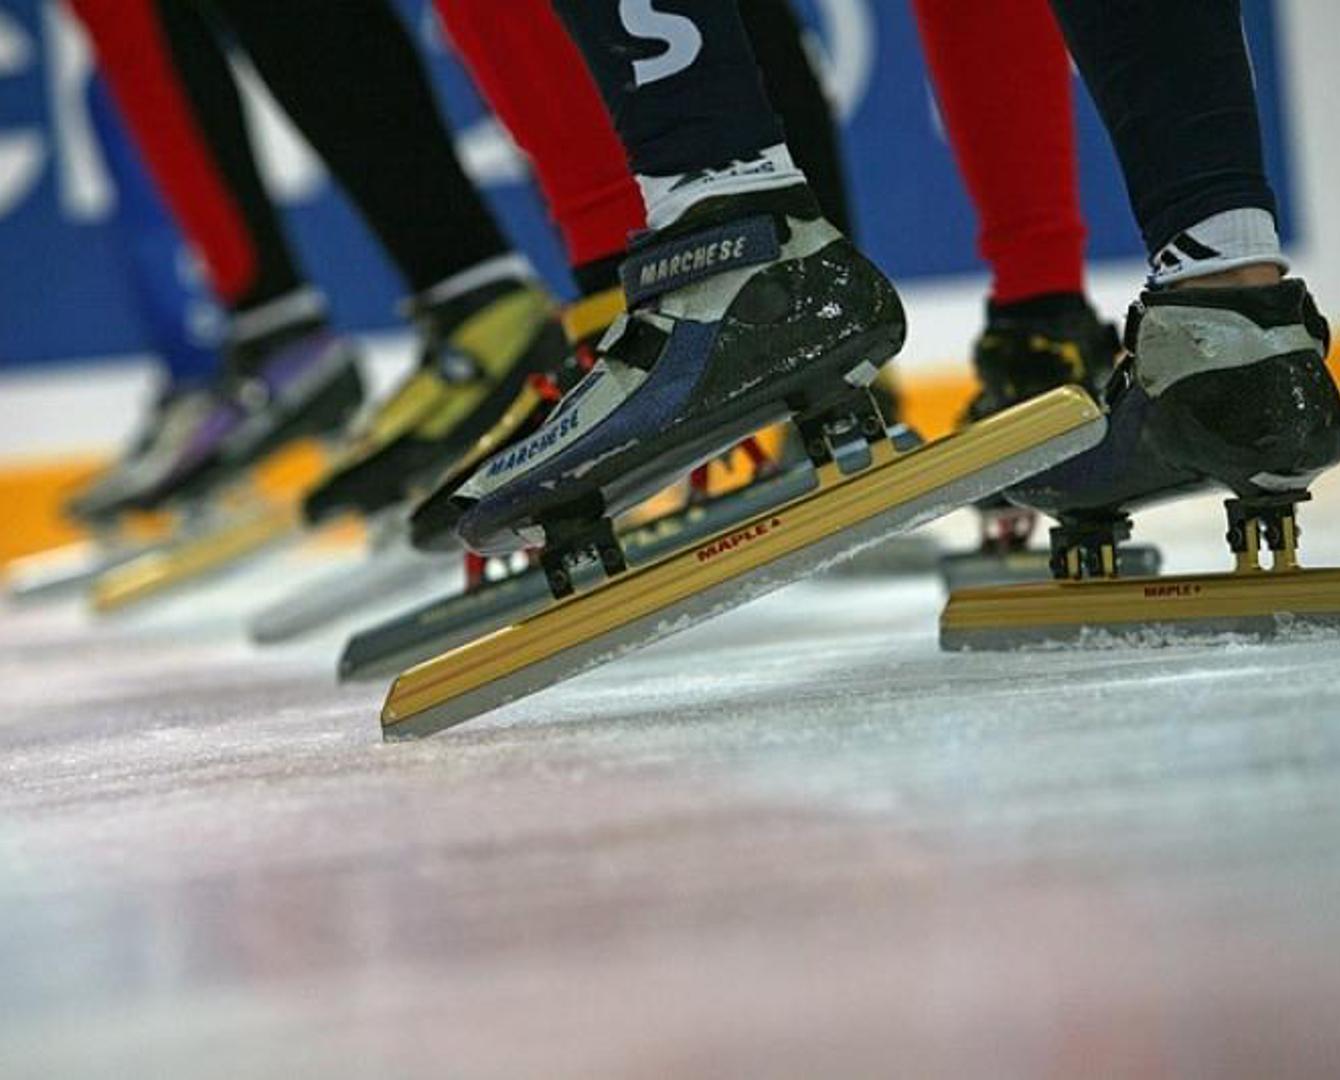 Спортсмены из Подмосковья завоевали серебро и бронзу на Кубке России по шорт-треку